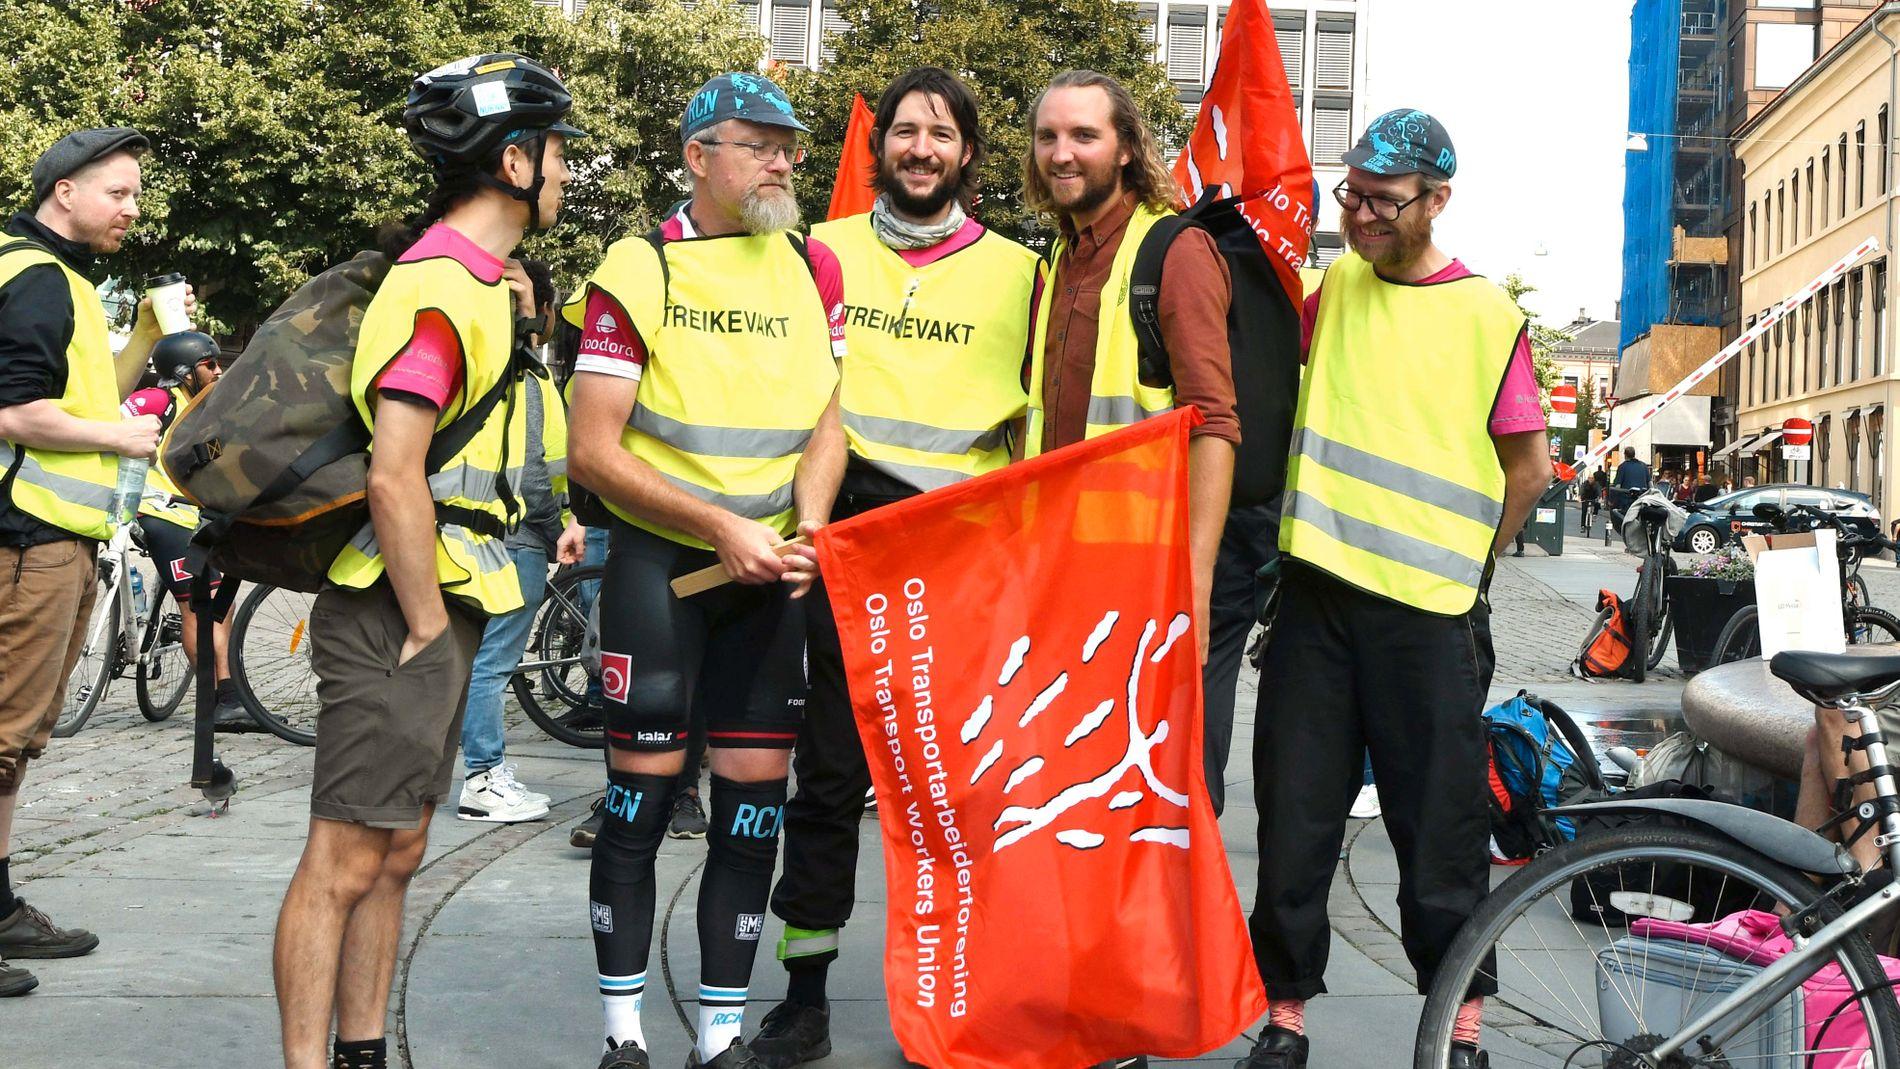 STREIKER: Fra venstre: Lee Conaghan, Paul Olai-Olssen, Eirik Sandnes, Espen Utne Landgraff og Kyrre Kjølner Andersen streiker på Youngstorget.